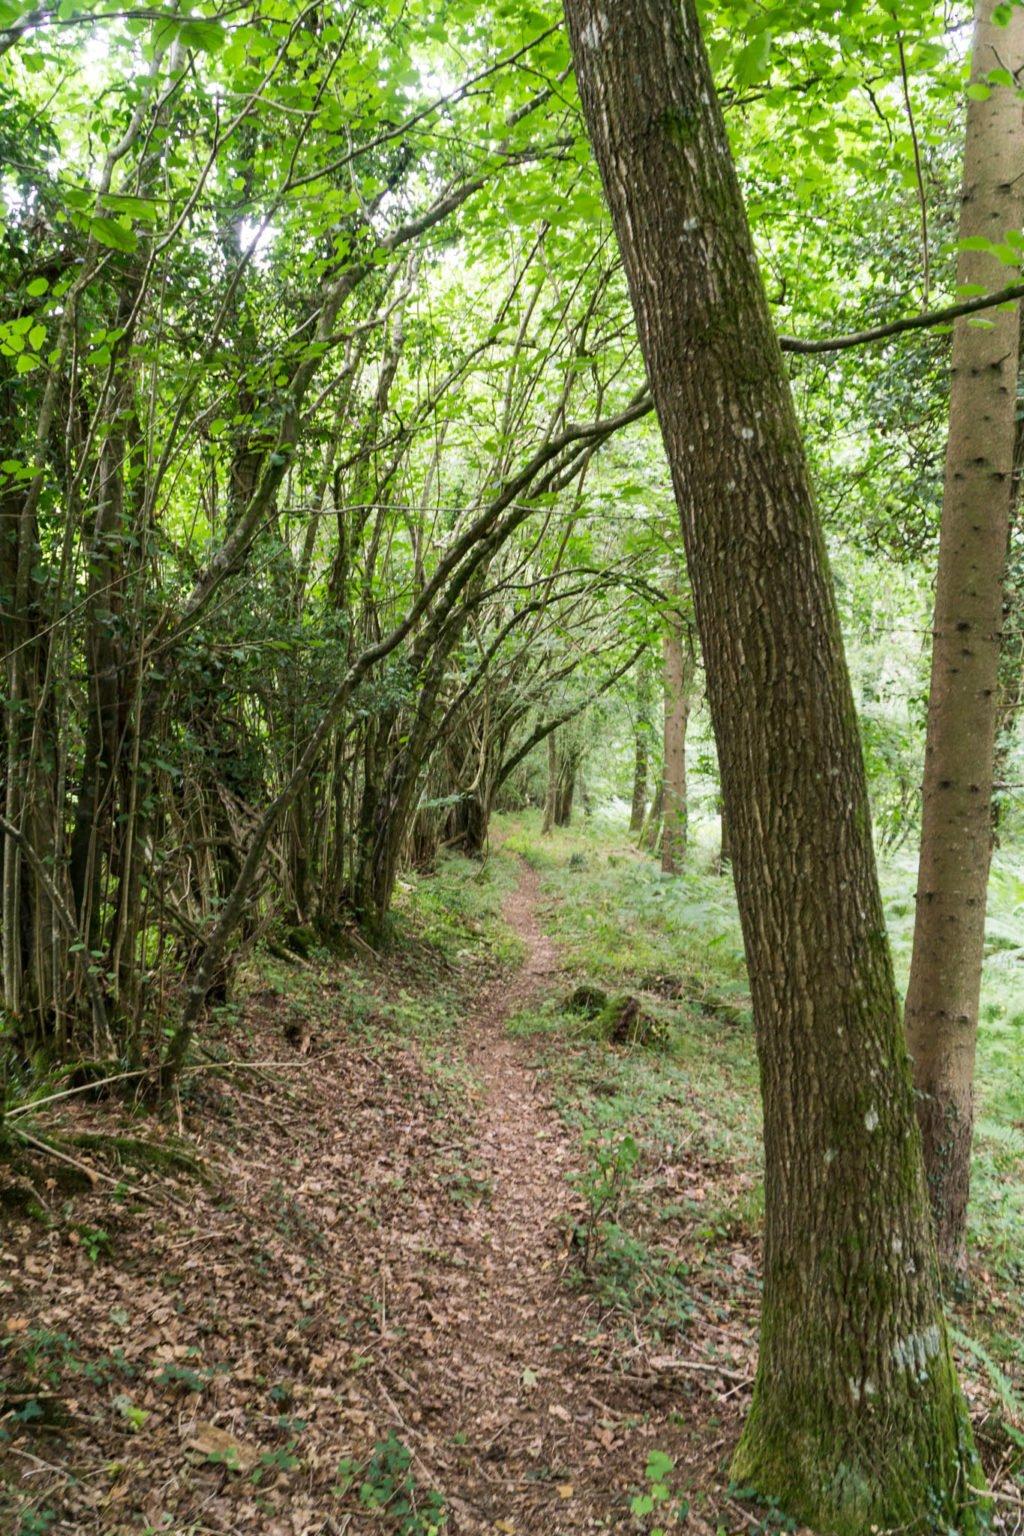 Urwald im New Forest Nationalpark